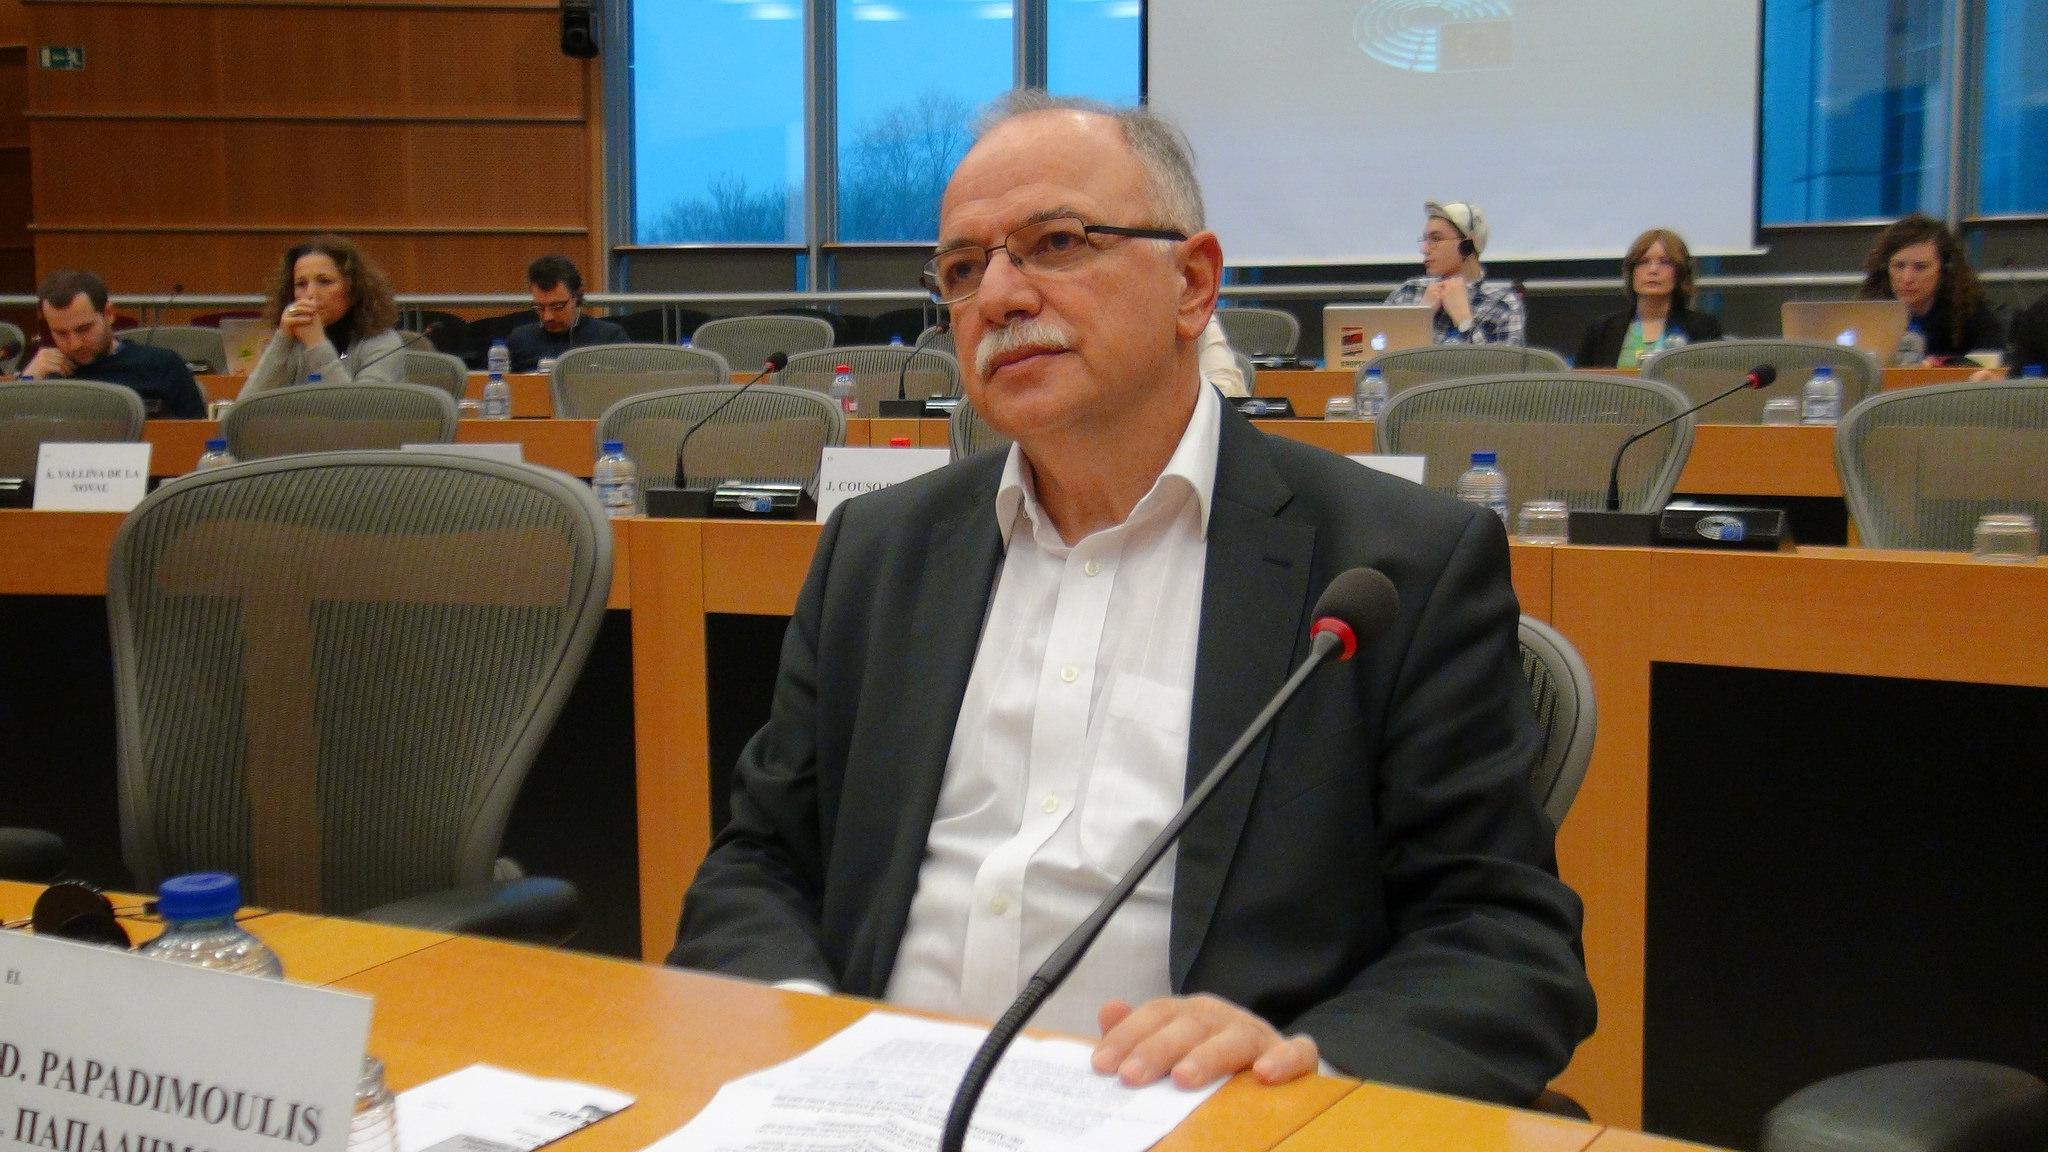 Συνομιλία Δ. Παπαδημούλη με έφηβους αντιπροσώπους από τις 28 χώρες κράτη-μέλη της ΕΕ